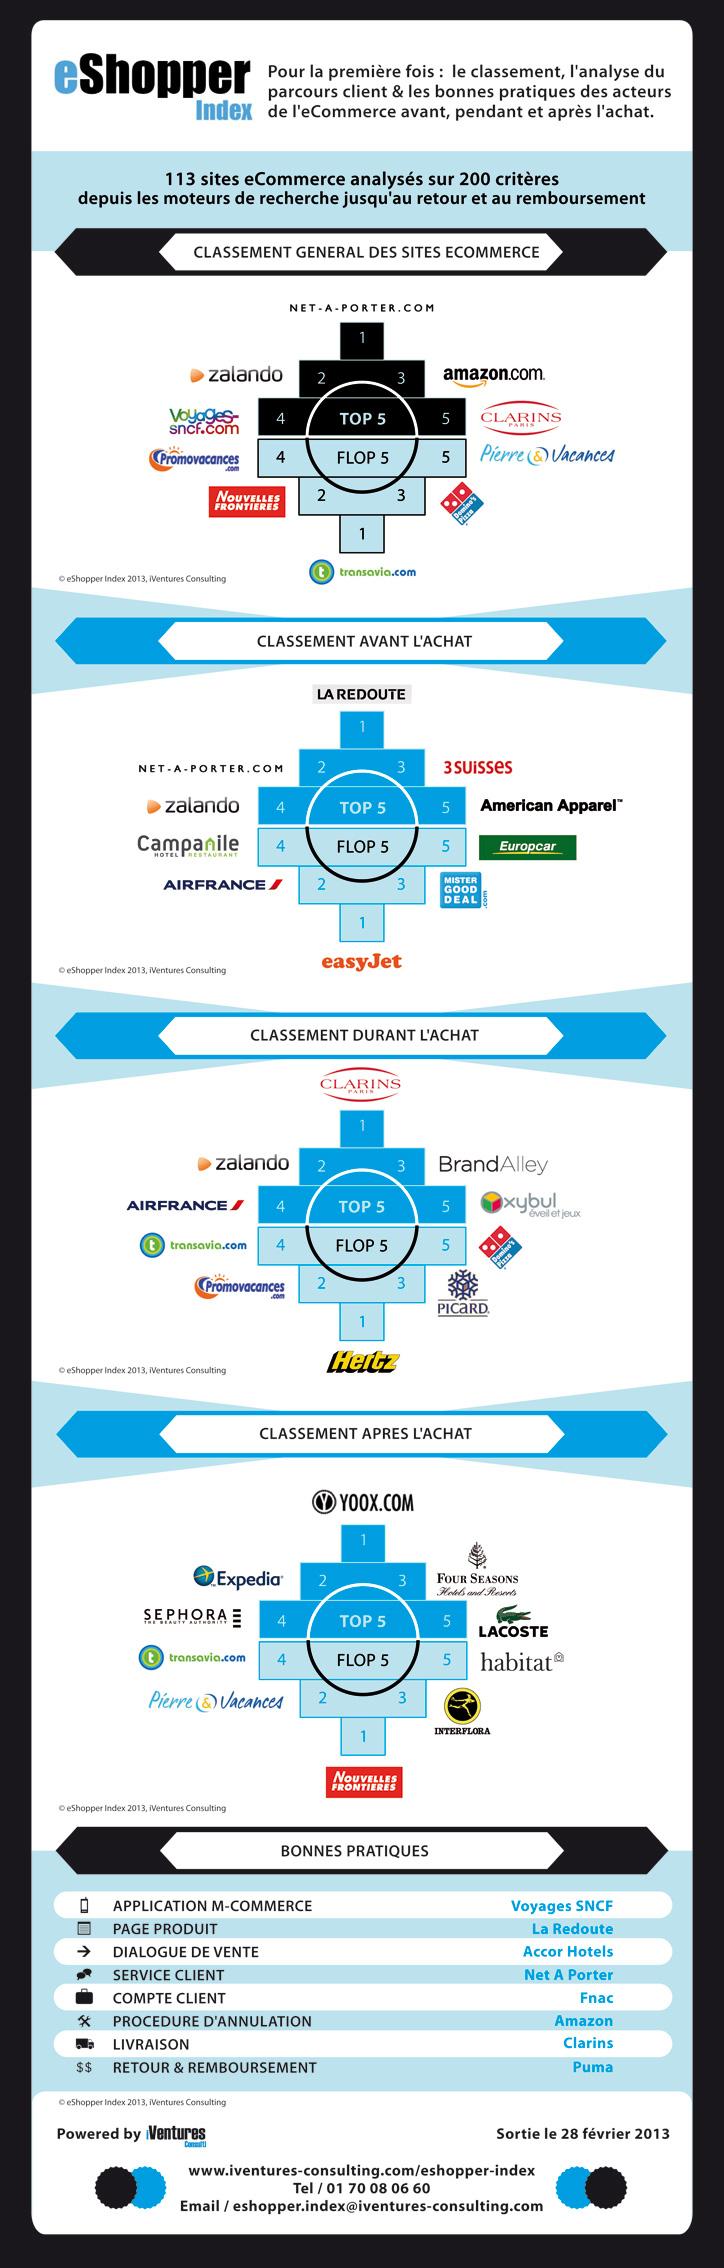 infographie-eshopper-barometre-parcours-client